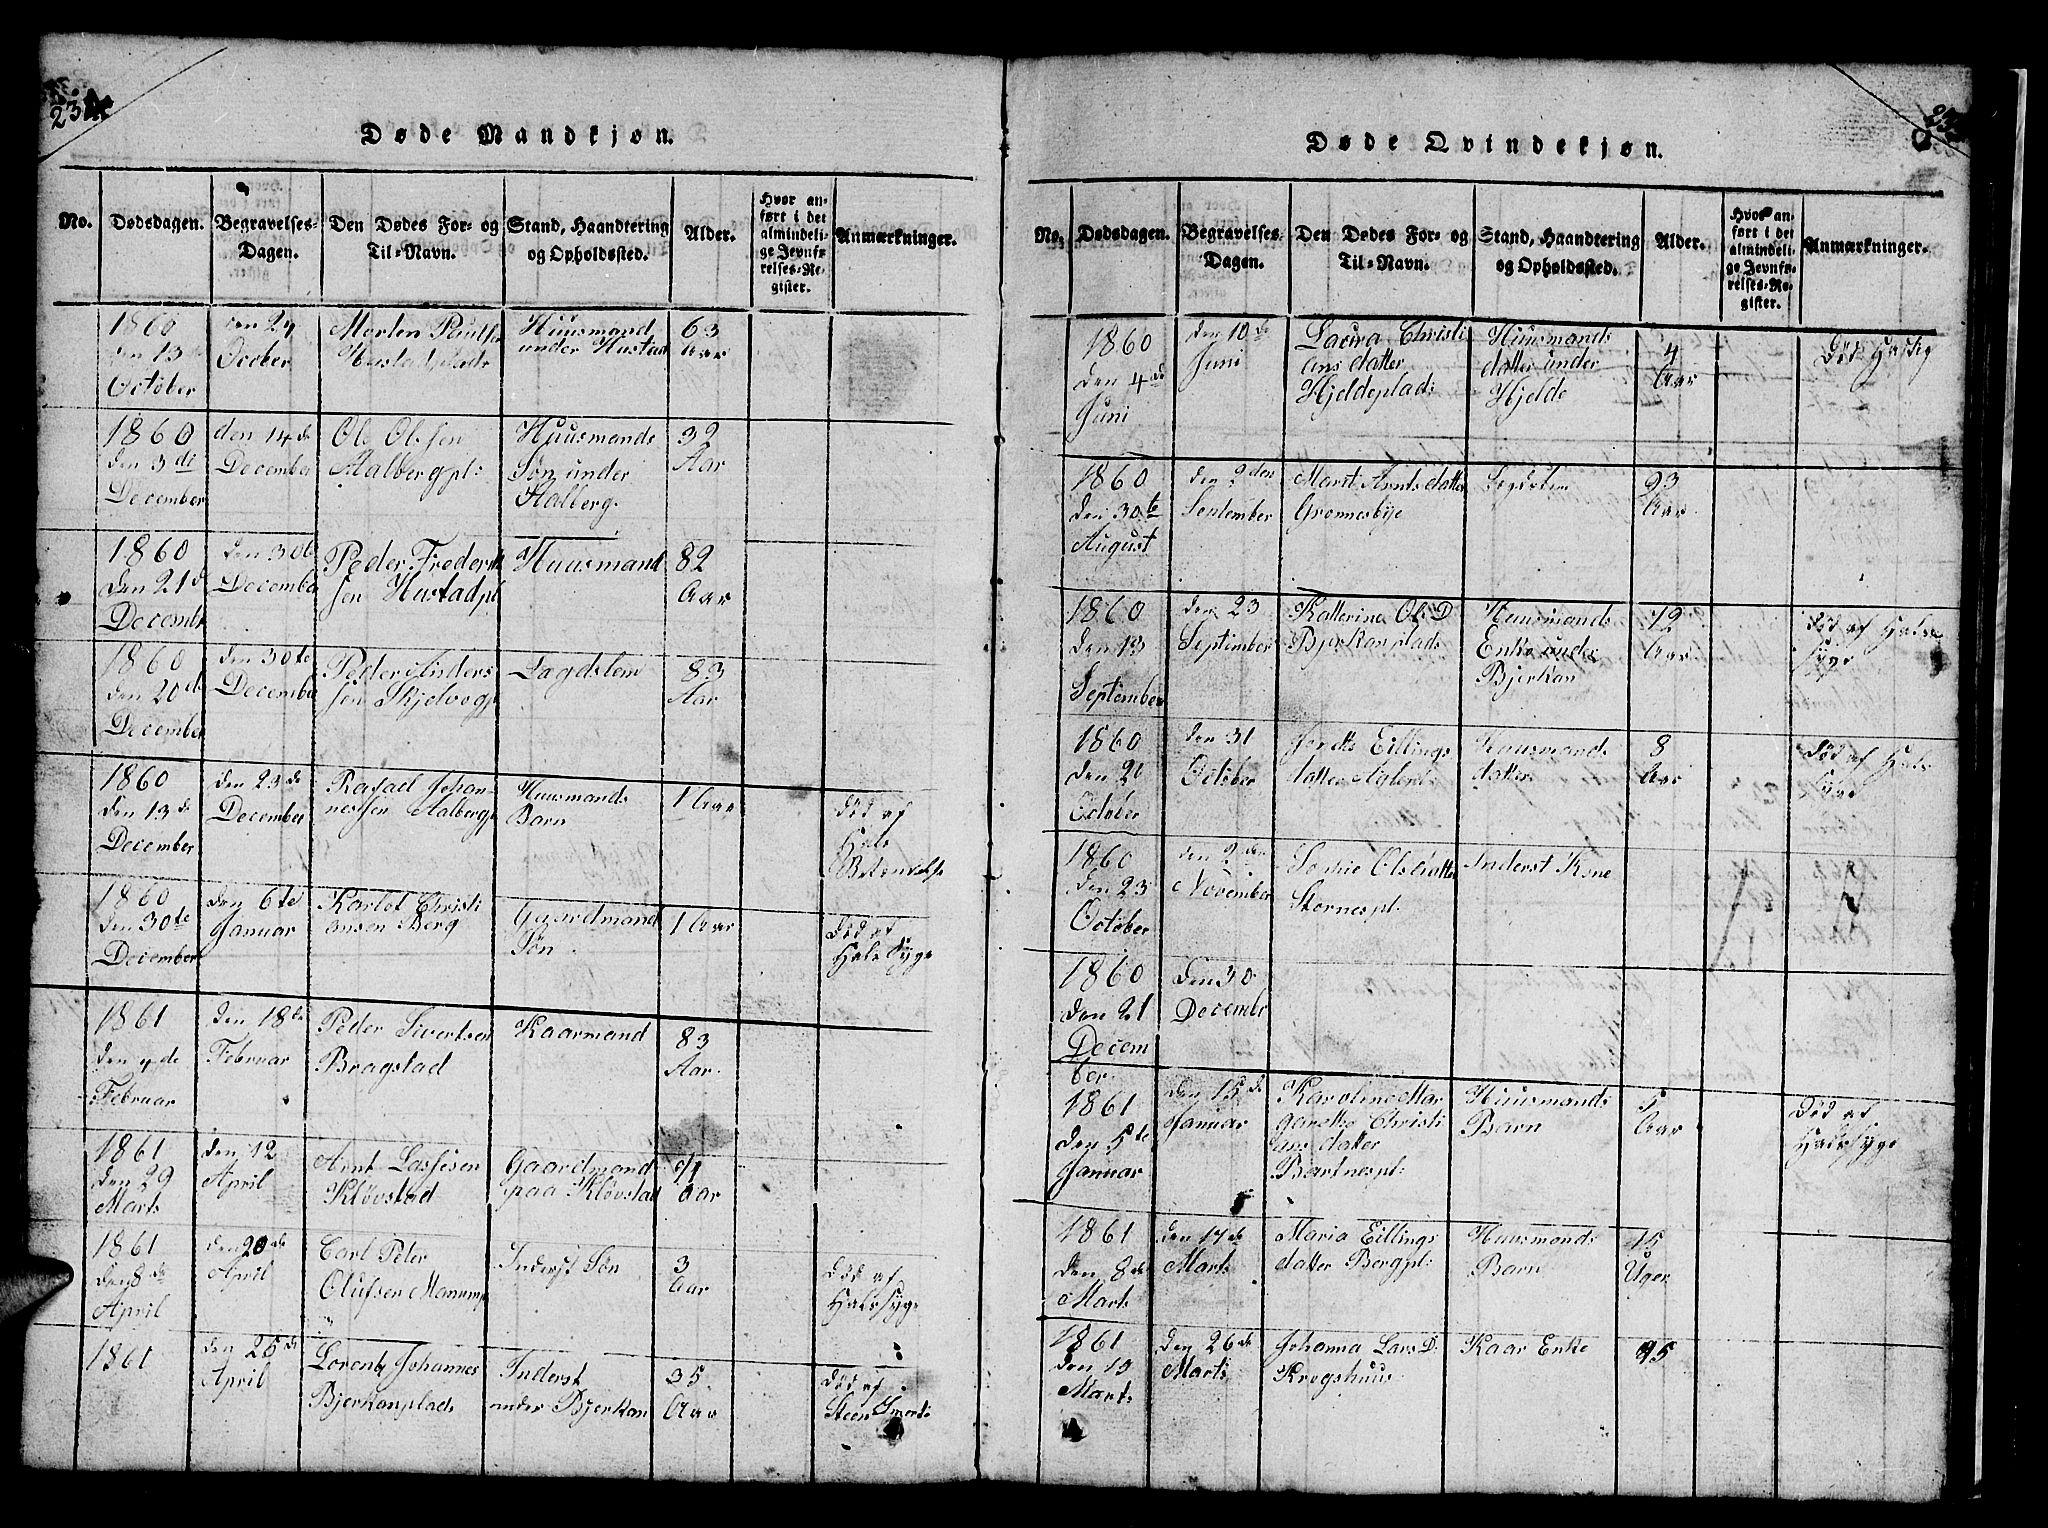 SAT, Ministerialprotokoller, klokkerbøker og fødselsregistre - Nord-Trøndelag, 732/L0317: Klokkerbok nr. 732C01, 1816-1881, s. 234-235